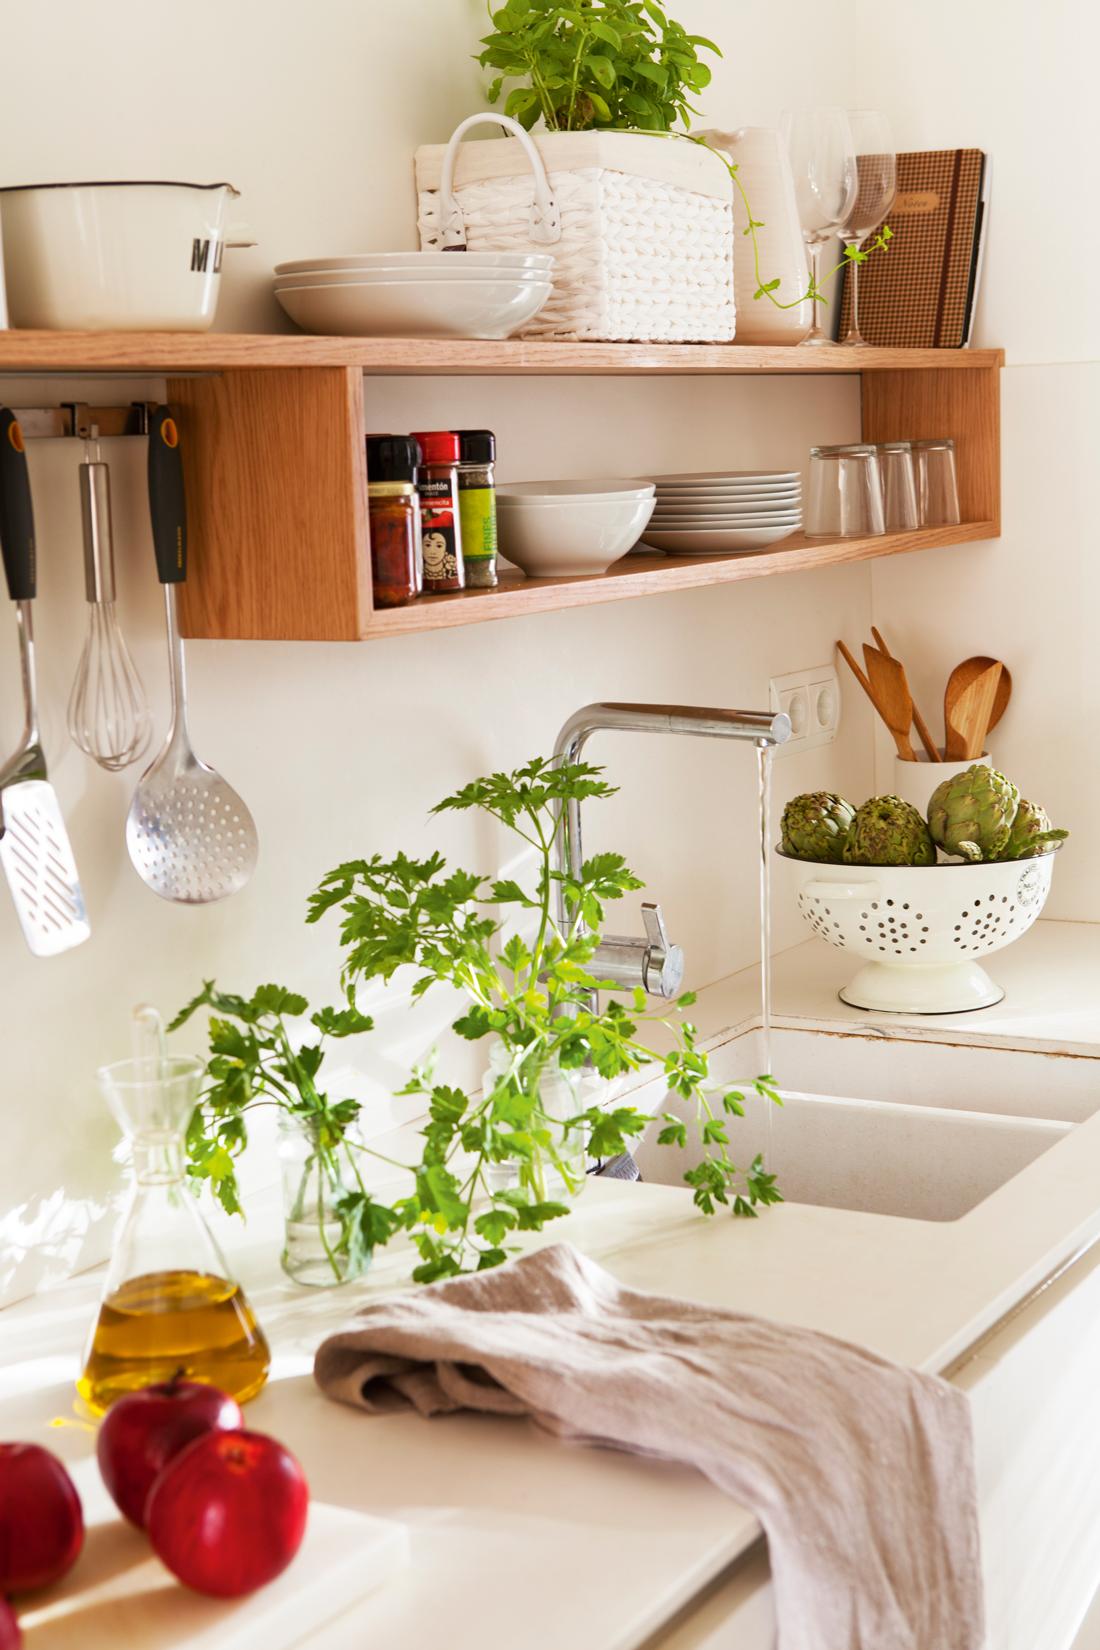 Muebles y complementos que se cuelgan - Cocinas con encimera de madera ...